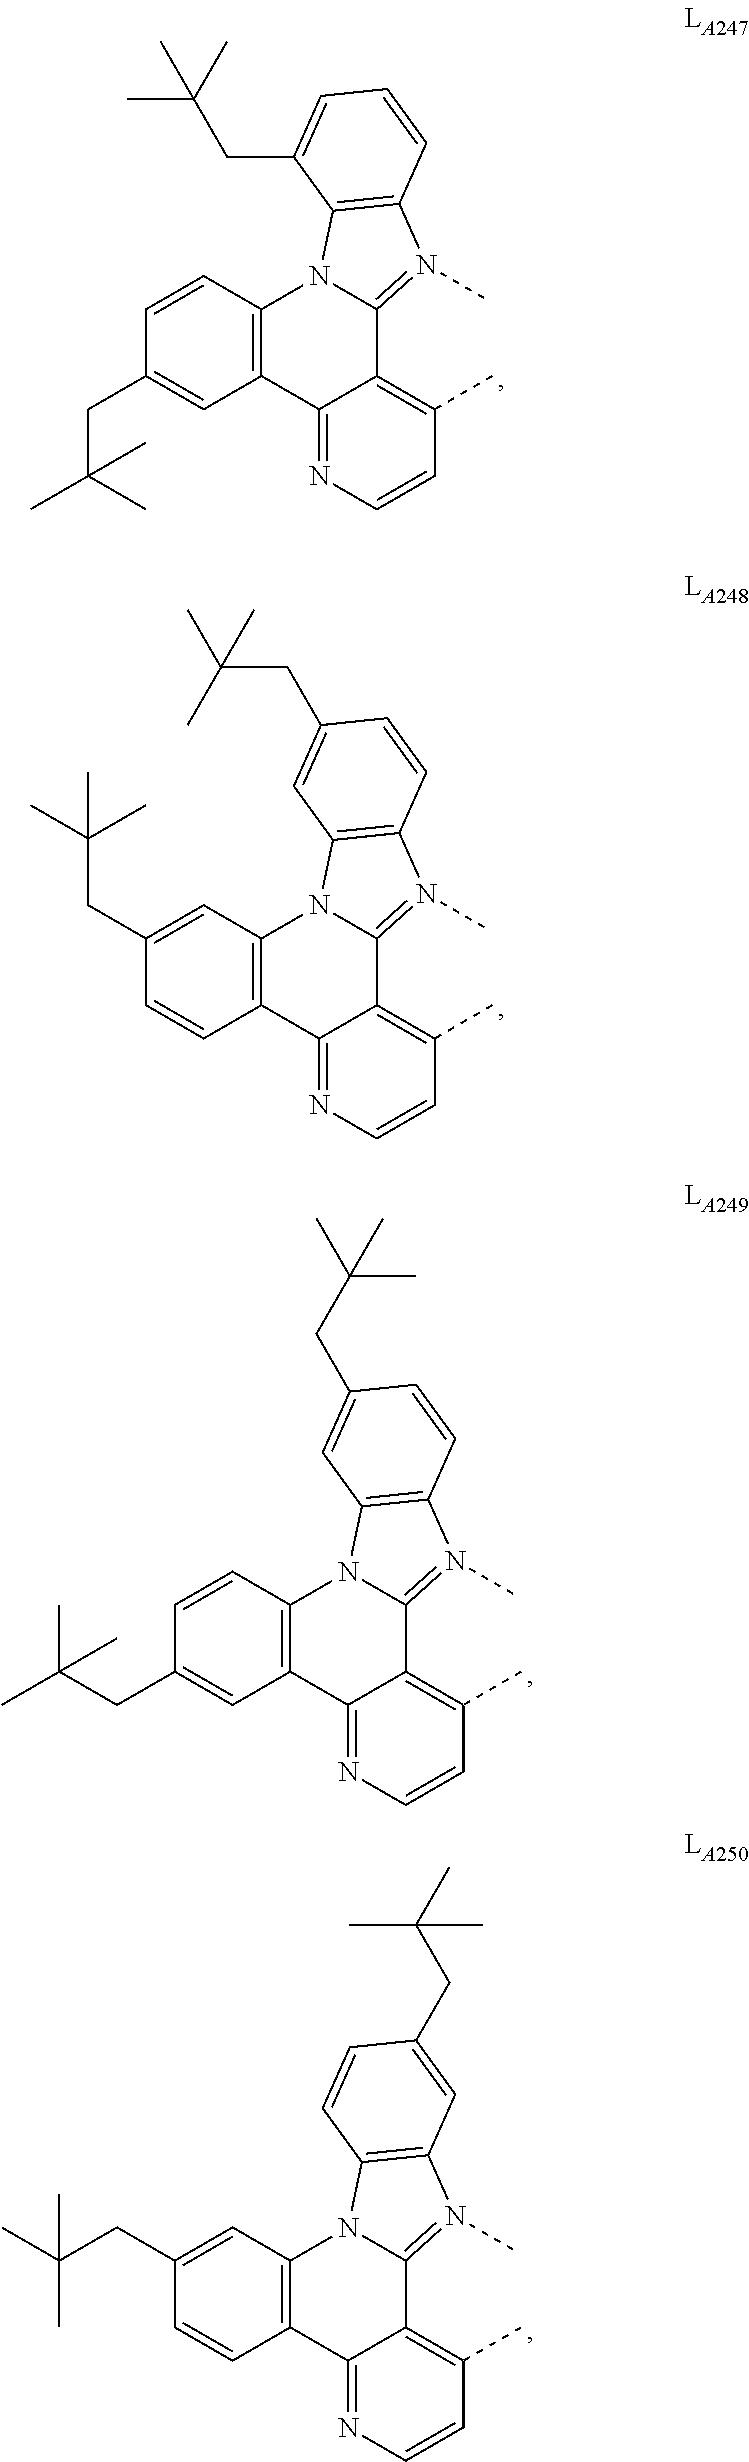 Figure US09905785-20180227-C00477